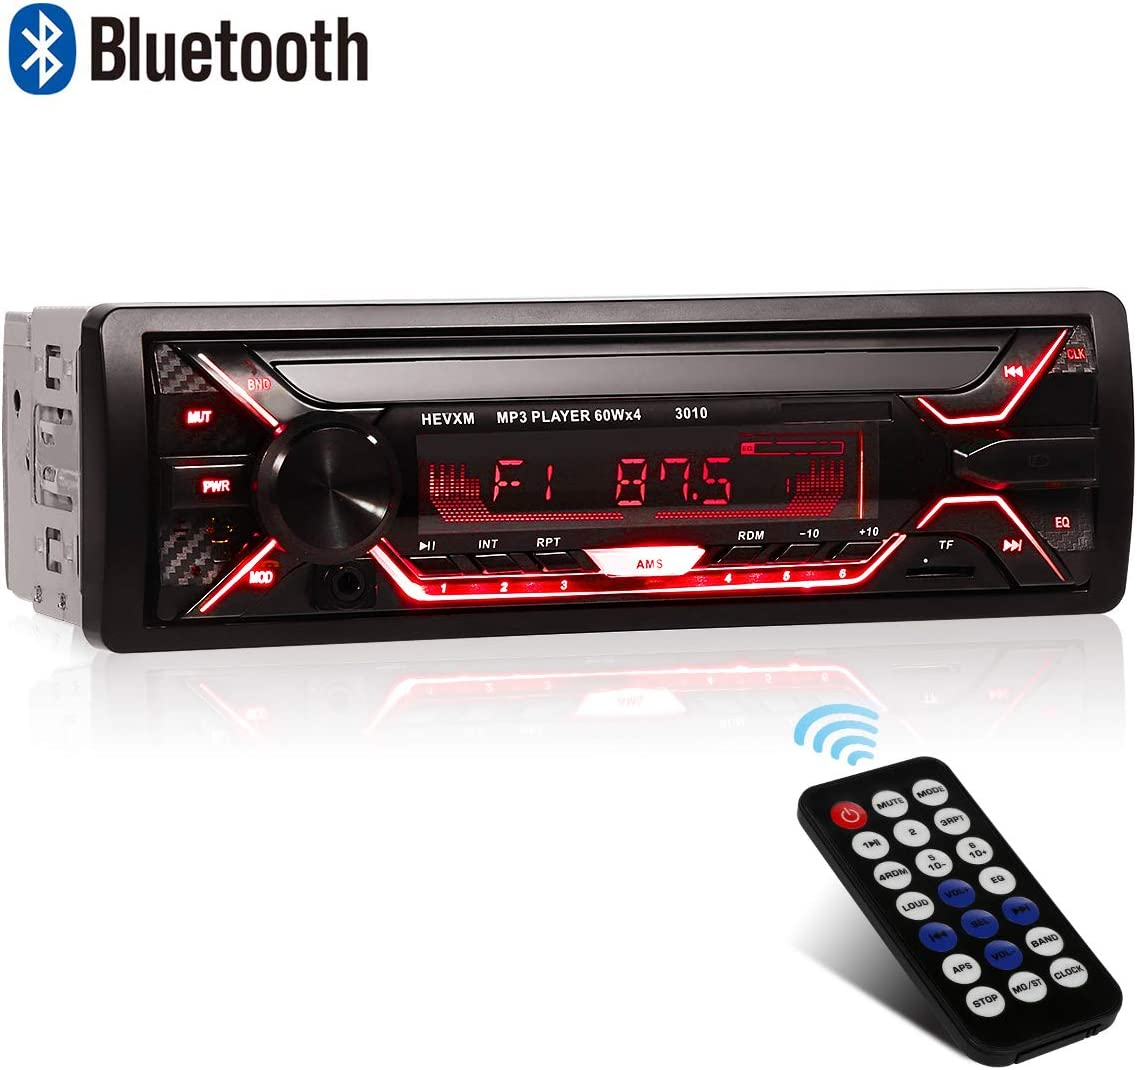 WesKimed Autoradio Bluetooth Manos Libres 7 Retroiluminación en Color Radio FM Estéreo de Coche 60Wx4 Apoyo de Reproductor MP3 para Automóvil con Capacidad para 18 Emisoras de Radio, 1DIN